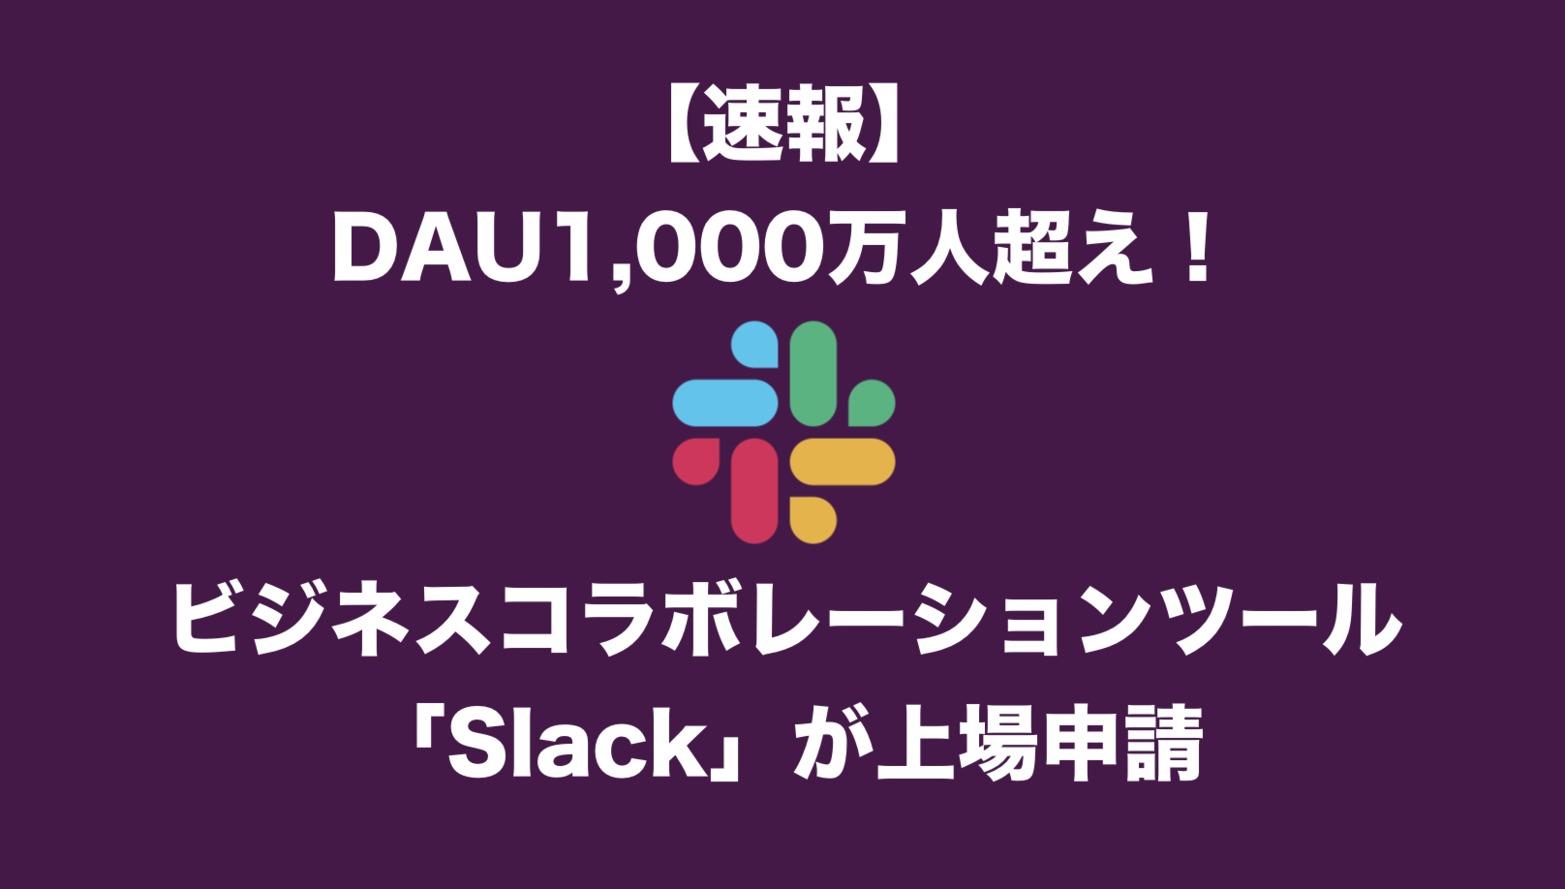 DAU1,000万人超え!ビジネスコラボレーションツール「Slack」が上場申請